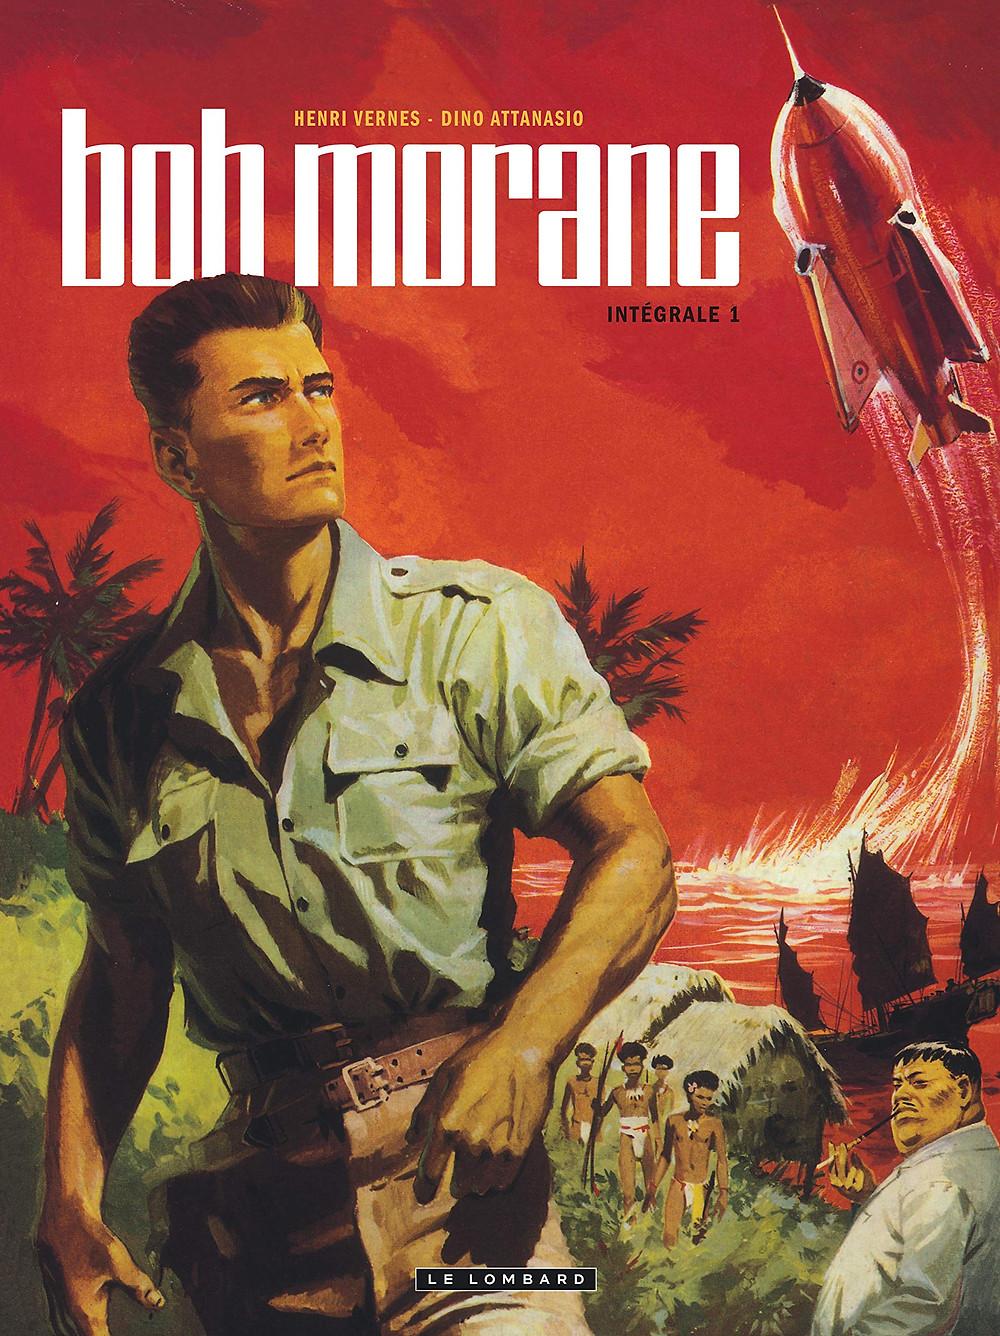 Henri Vernes - Bob Morane Graphic Novels: Integral Edition, Part 1